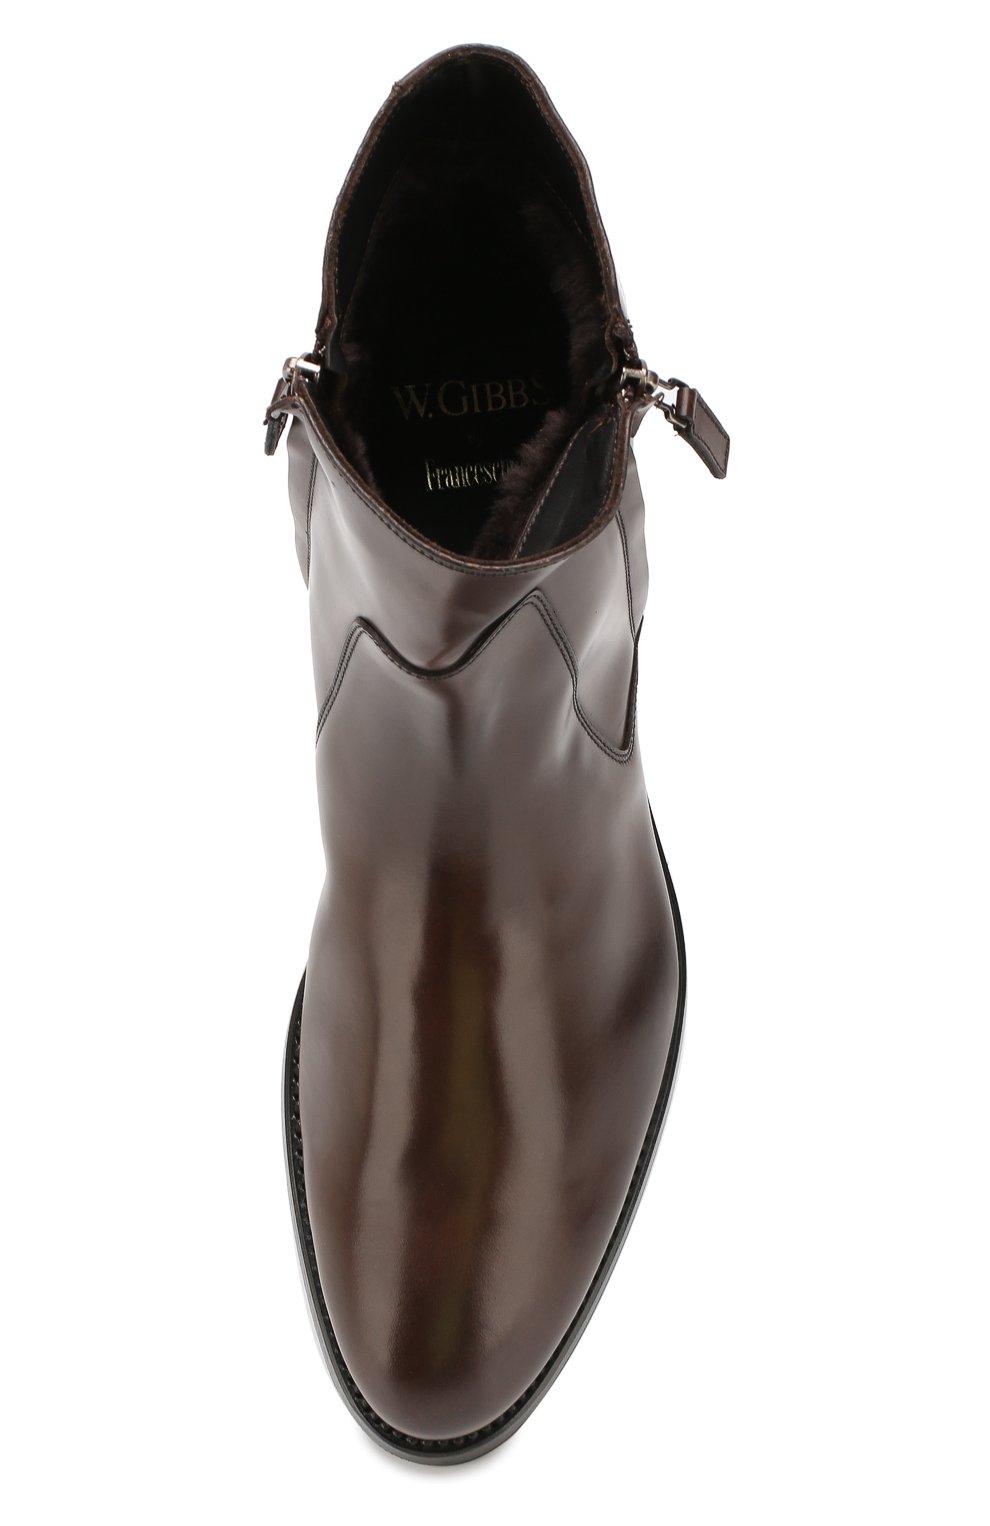 Мужские кожаные сапоги W.GIBBS темно-коричневого цвета, арт. 8378133/0238 | Фото 5